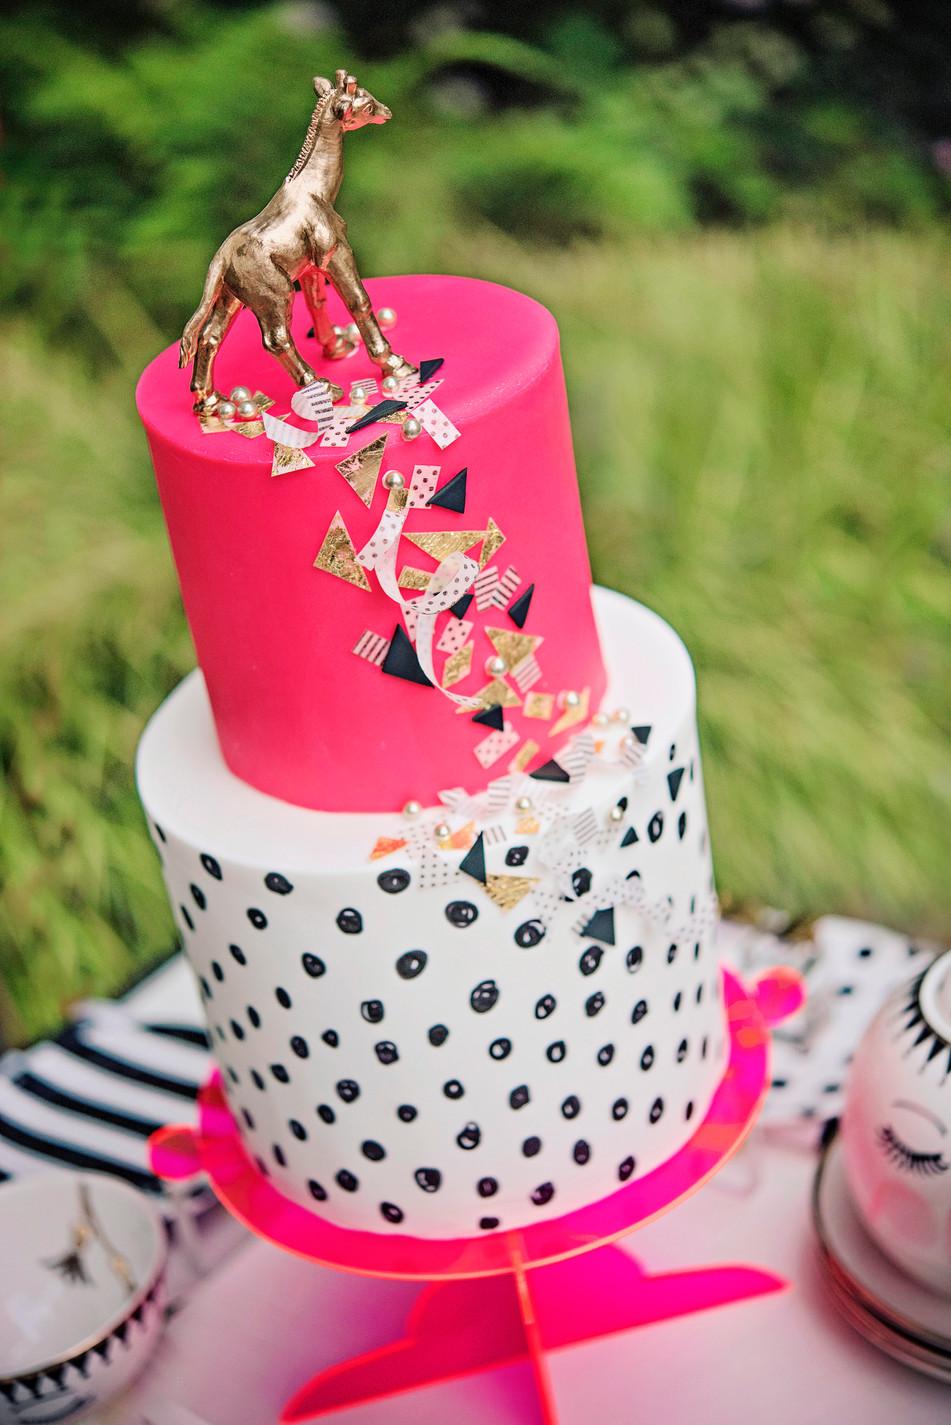 CRUSHING ON CAKE